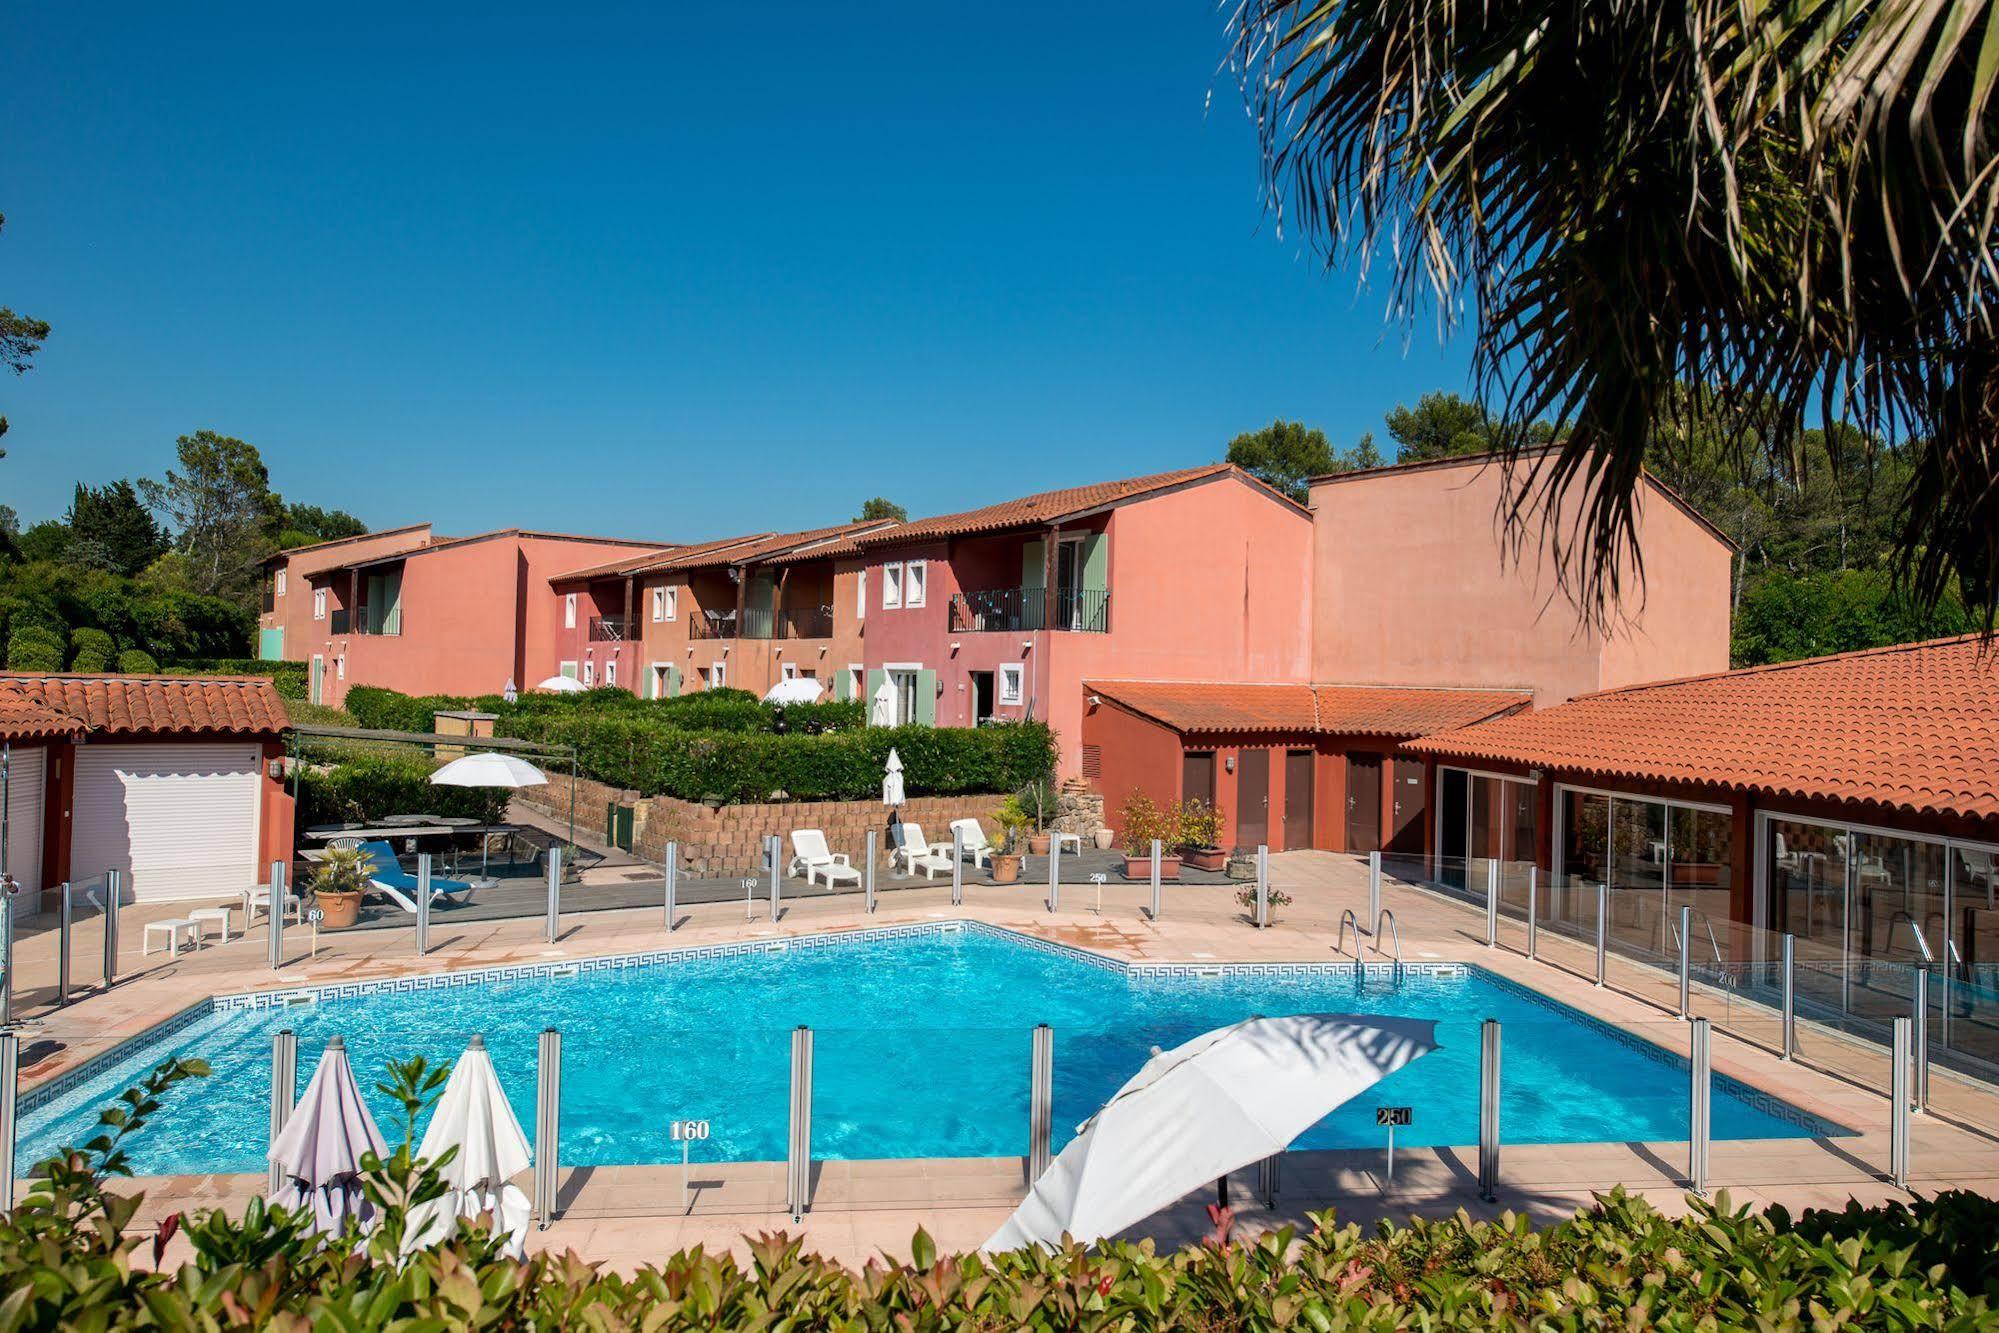 Mouans-sartoux Hotels